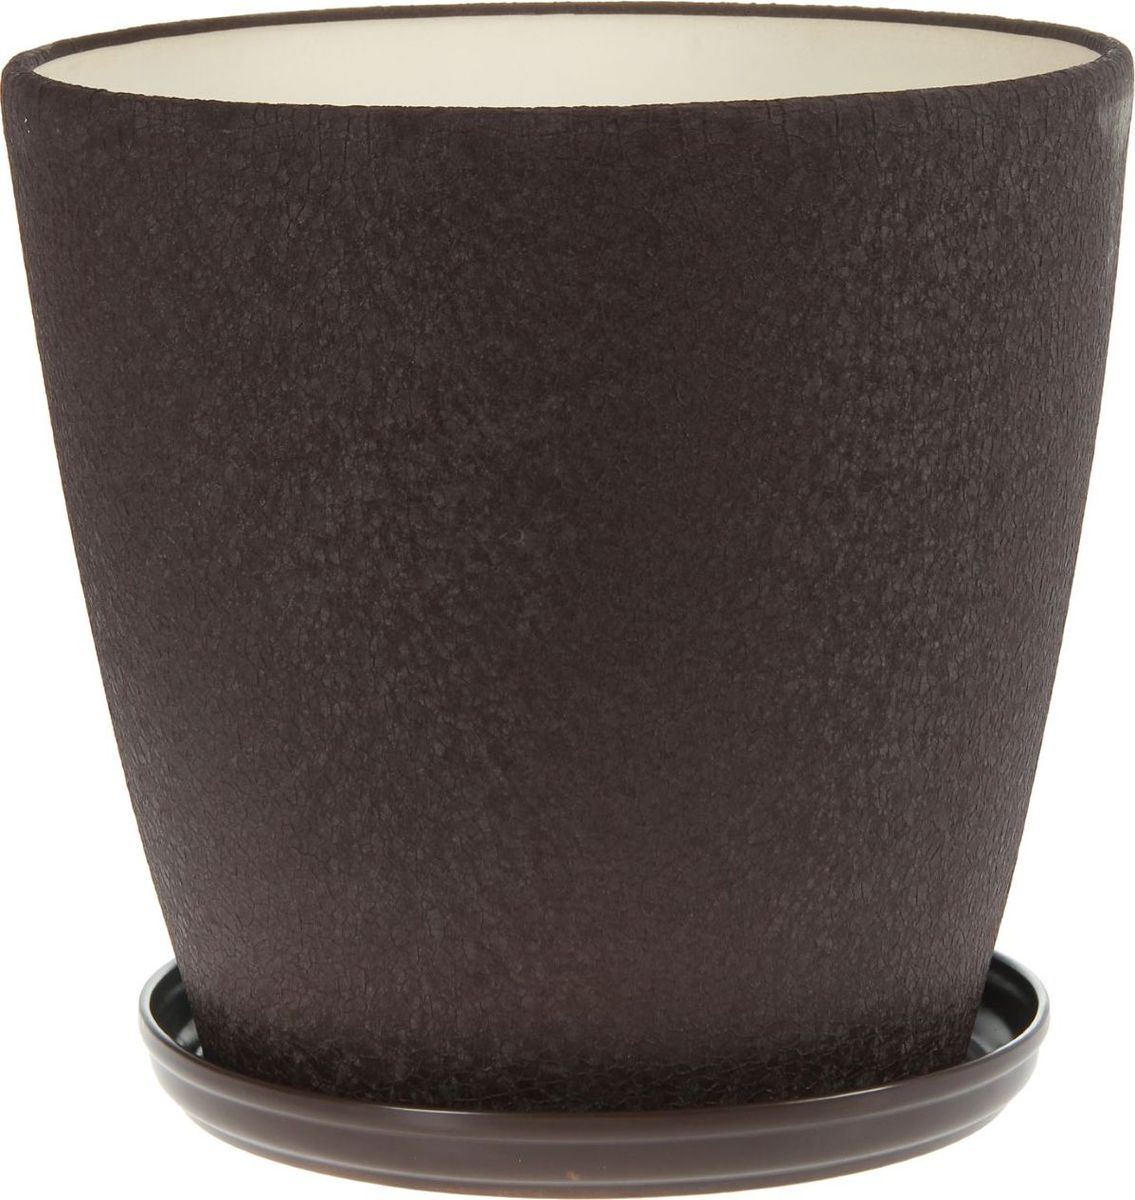 Кашпо Керамика ручной работы Грация, цвет: шоколадный, 30 л1136888Комнатные растения — всеобщие любимцы. Они радуют глаз, насыщают помещение кислородом и украшают пространство. Каждому из них необходим свой удобный и красивый дом. Кашпо из керамики прекрасно подходят для высадки растений: за счет пластичности глины и разных способов обработки существует великое множество форм и дизайнов пористый материал позволяет испаряться лишней влаге воздух, необходимый для дыхания корней, проникает сквозь керамические стенки! позаботится о зеленом питомце, освежит интерьер и подчеркнет его стиль.